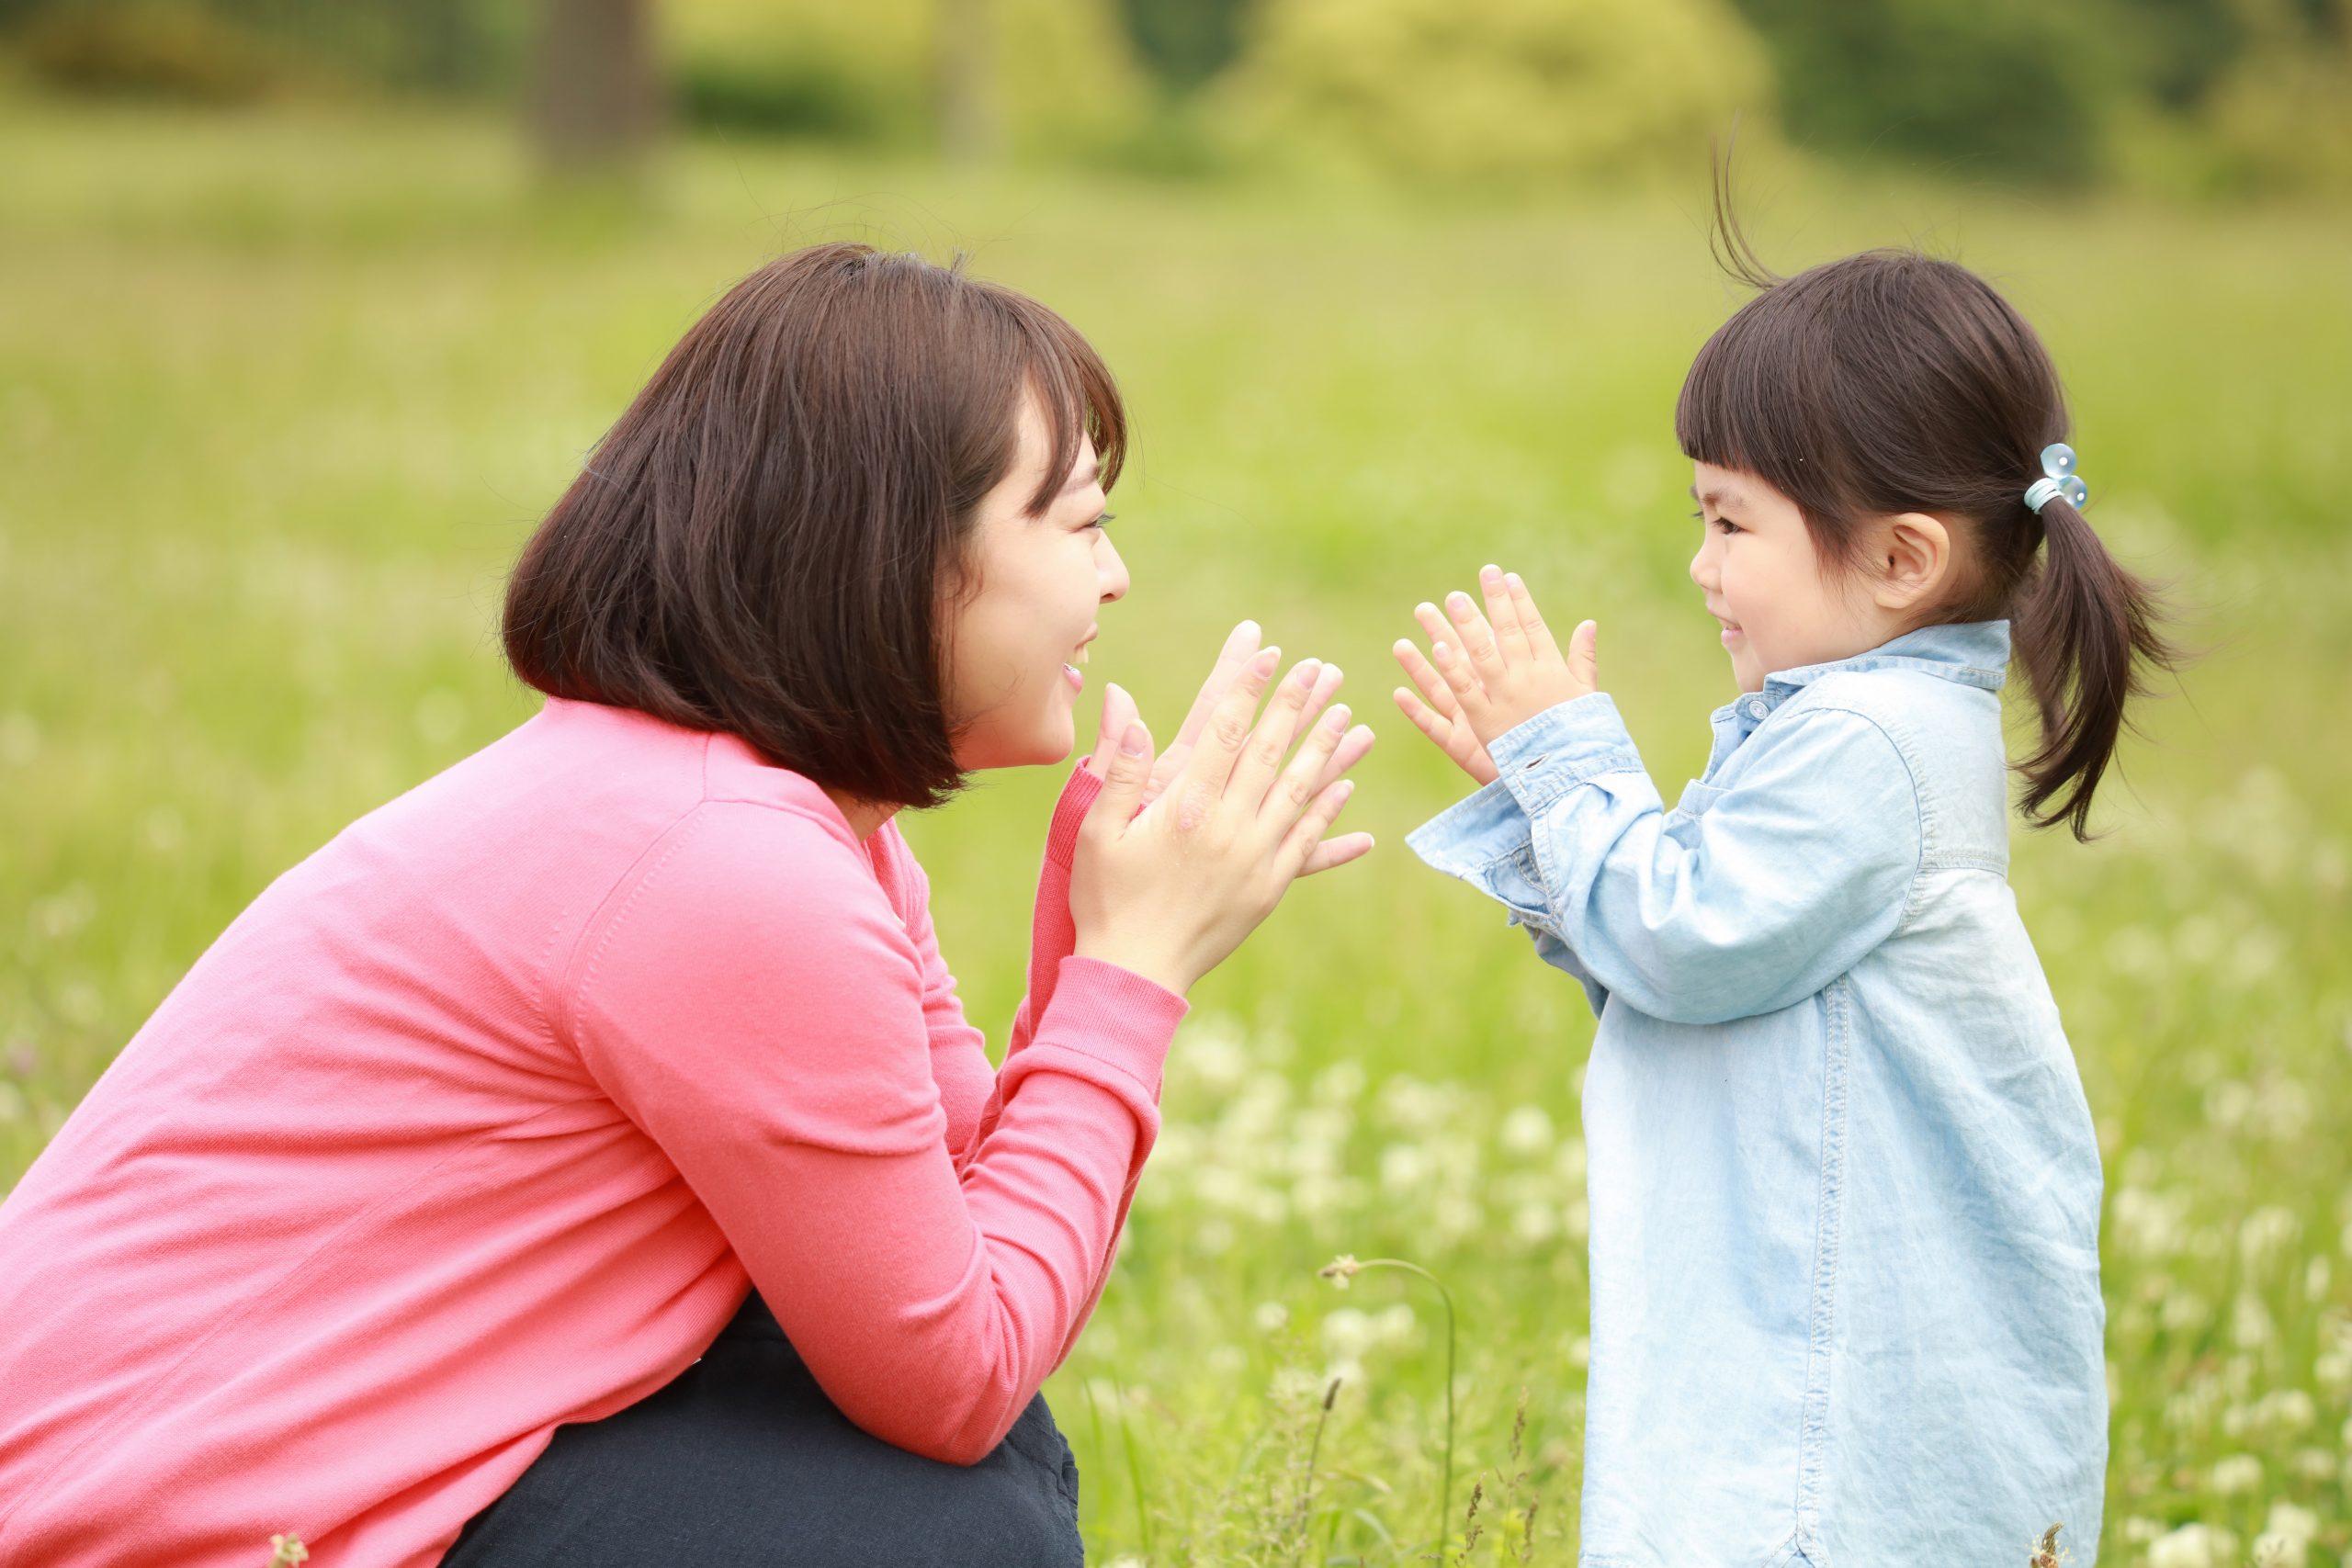 親子の交流の場づくり